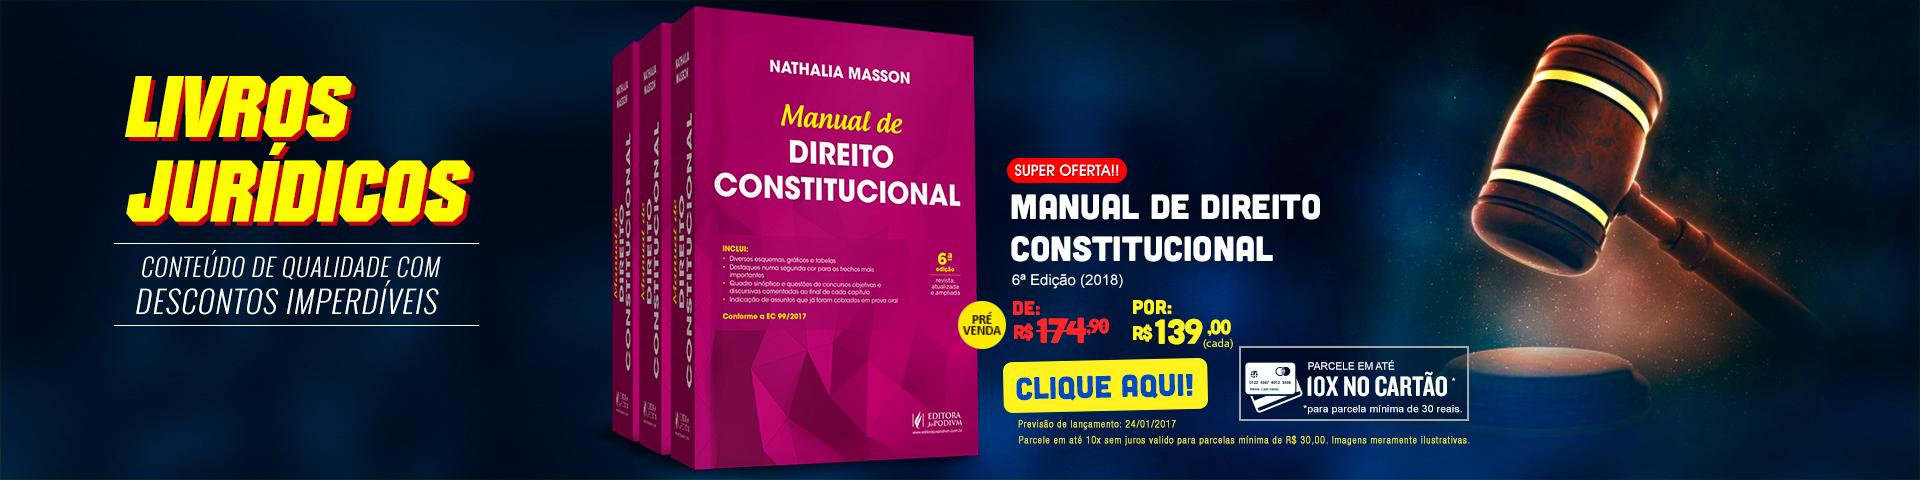 Livros Jurídicos - Manual de direito constitucional